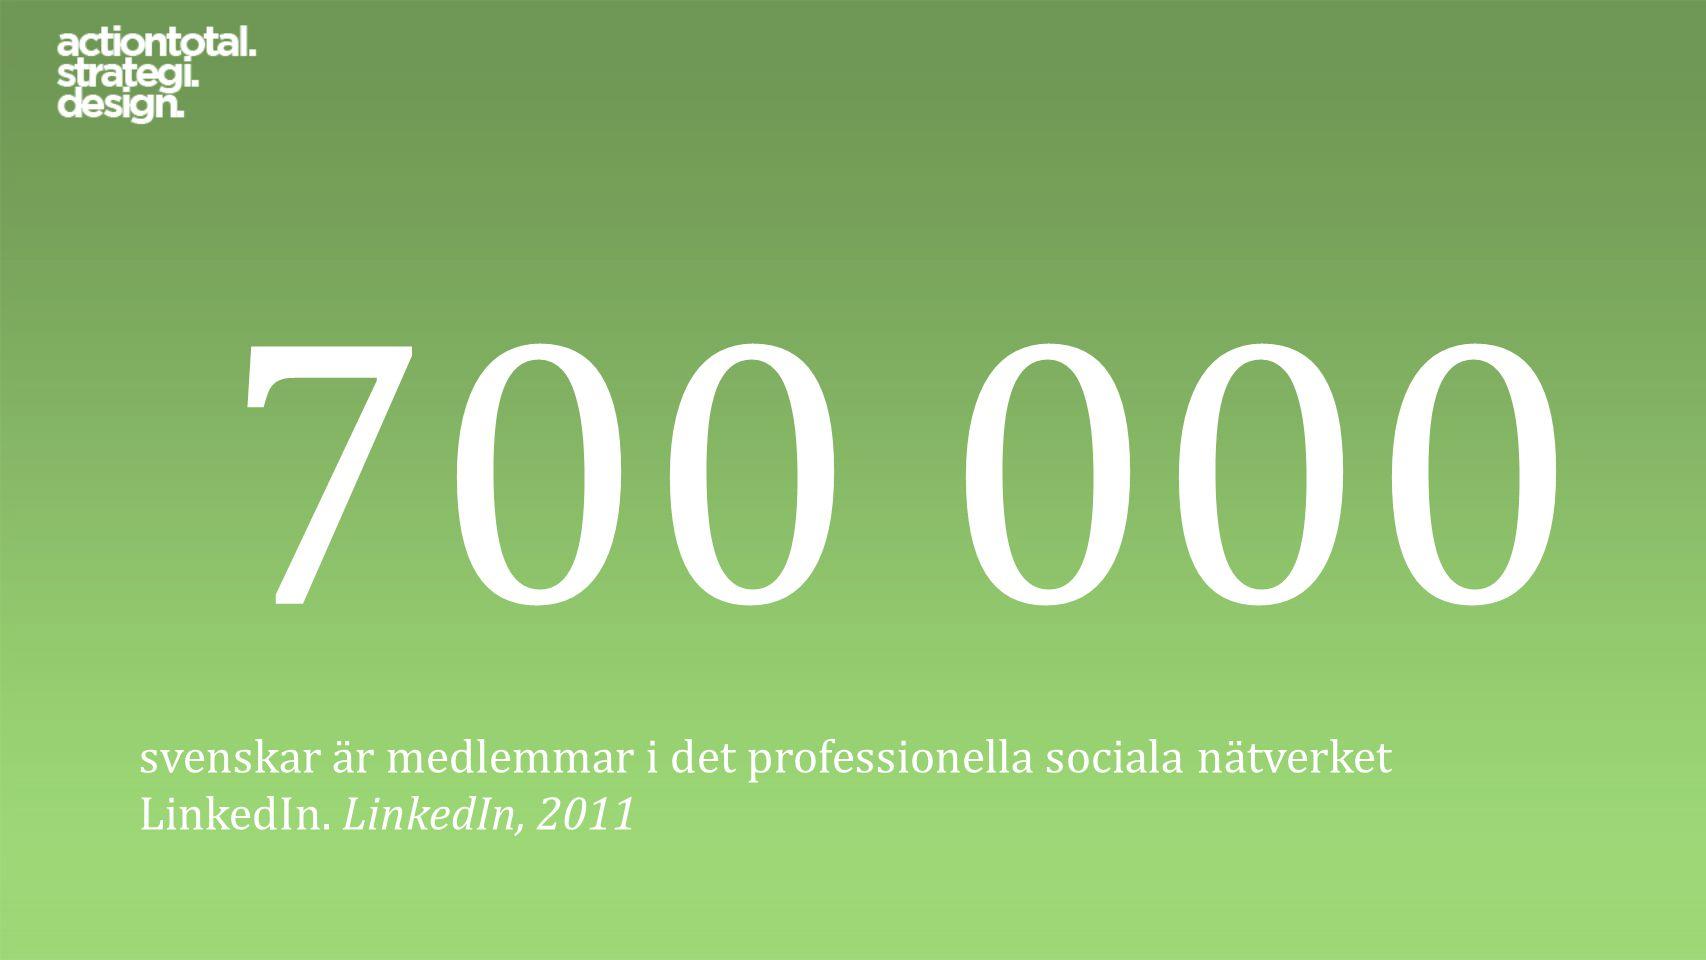 700 000 svenskar är medlemmar i det professionella sociala nätverket LinkedIn. LinkedIn, 2011